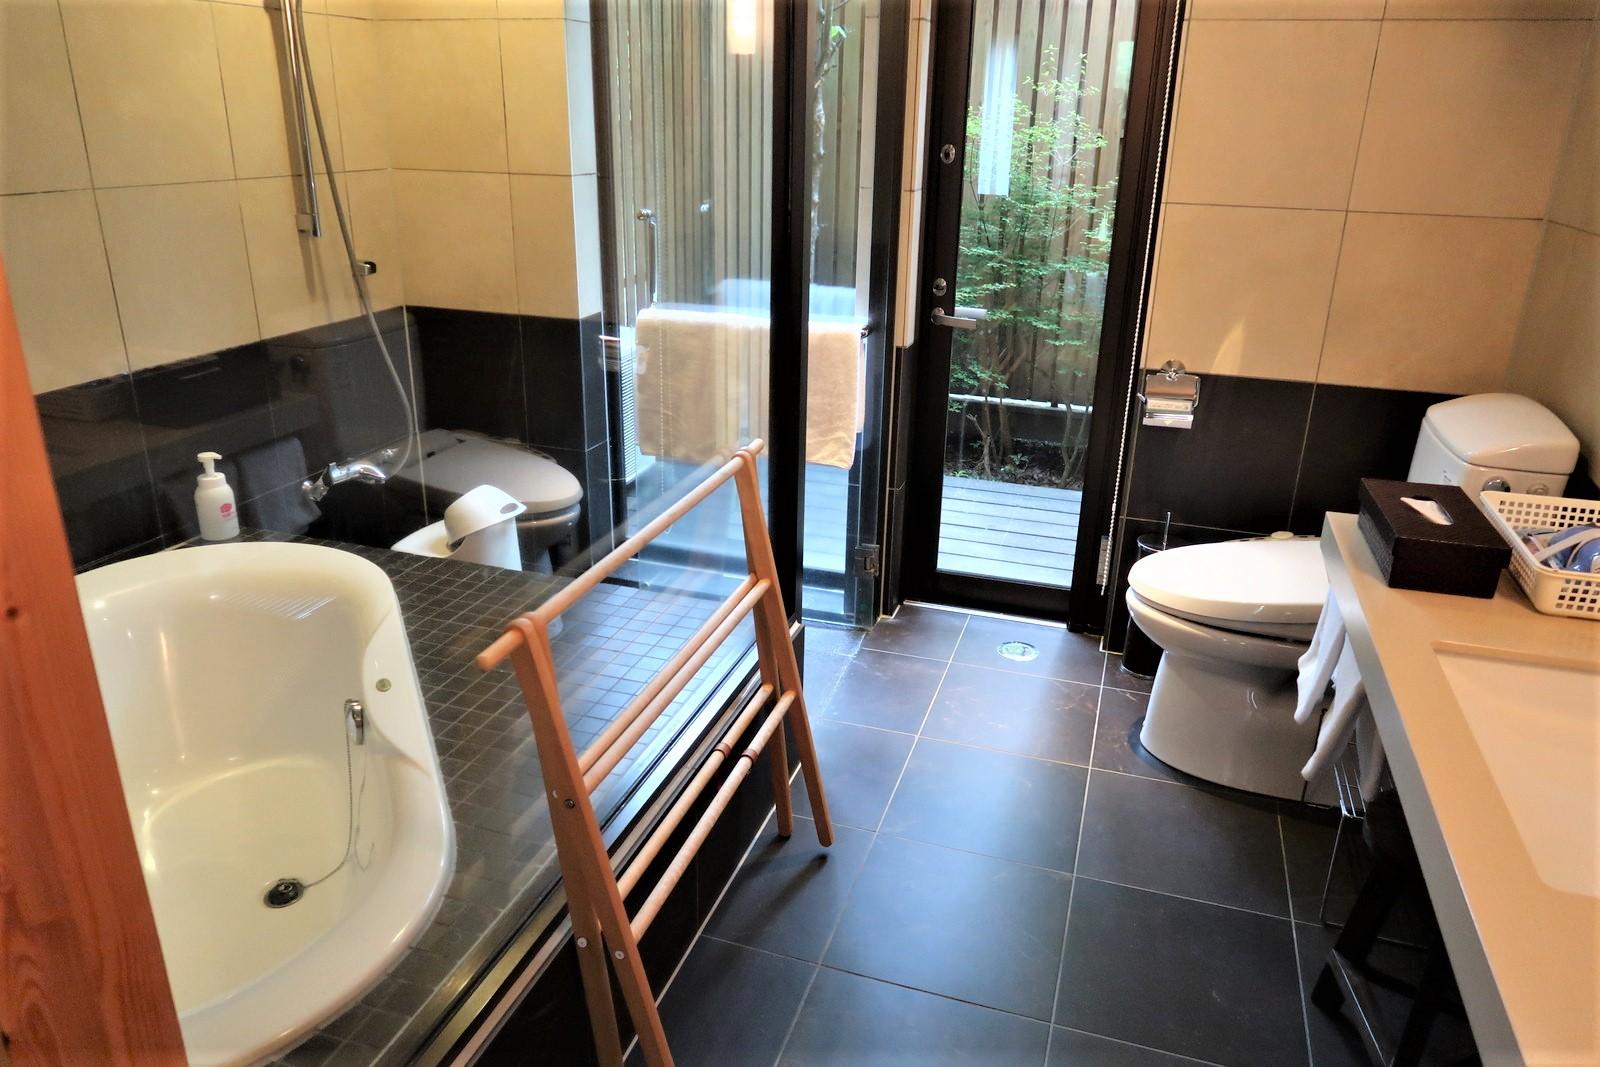 お風呂とトイレはホテルの様